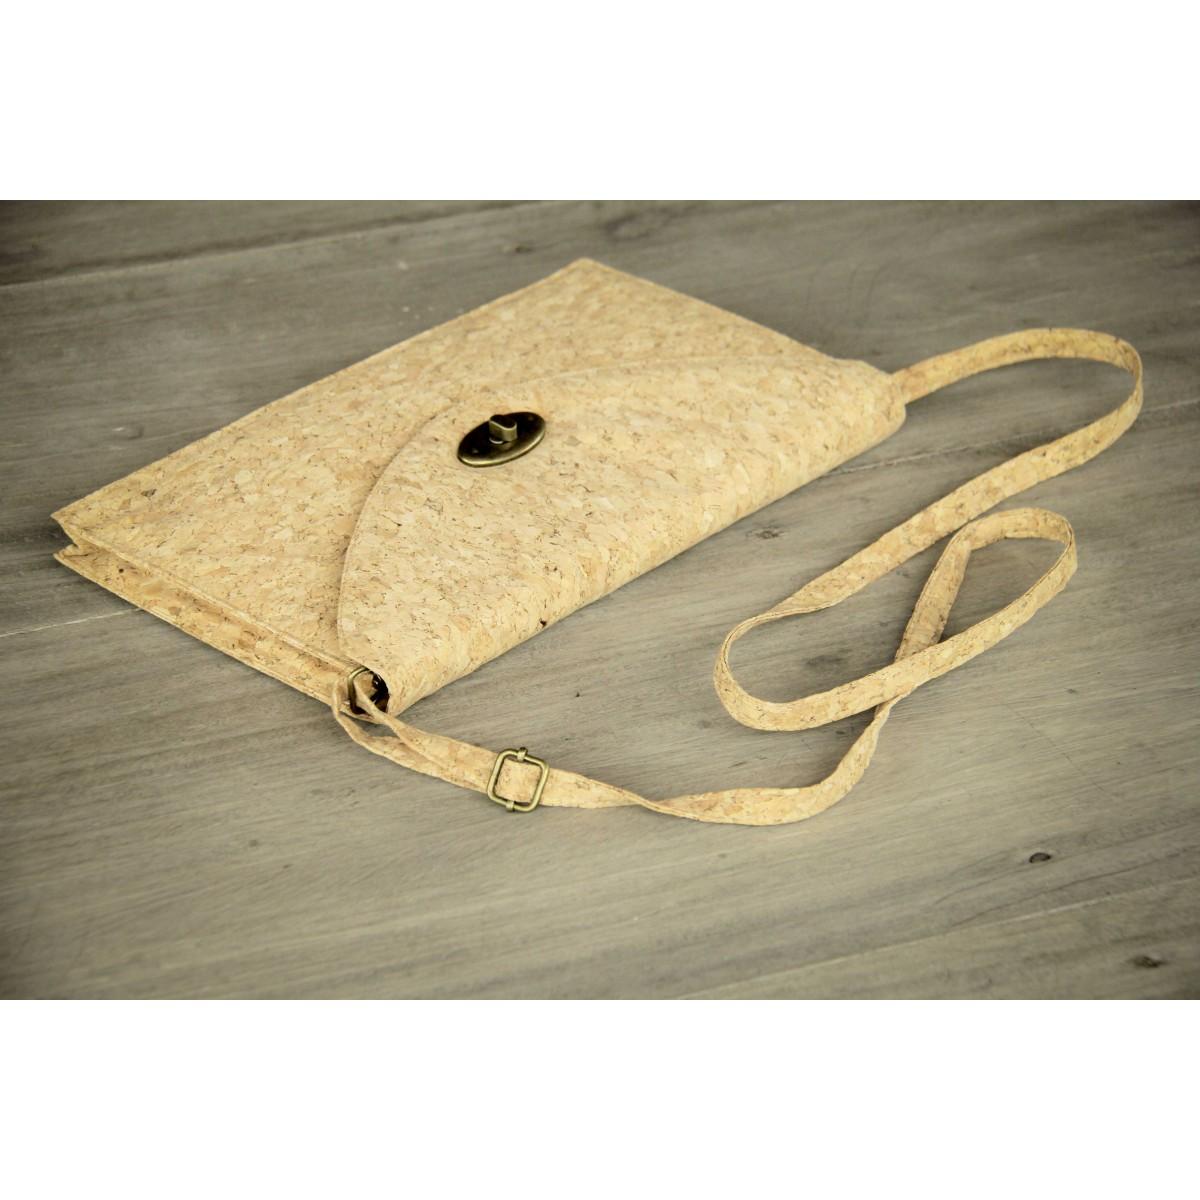 Kork Handtasche, praktische Umhängetasche, vegane Clutch aus Kork BY COPALA